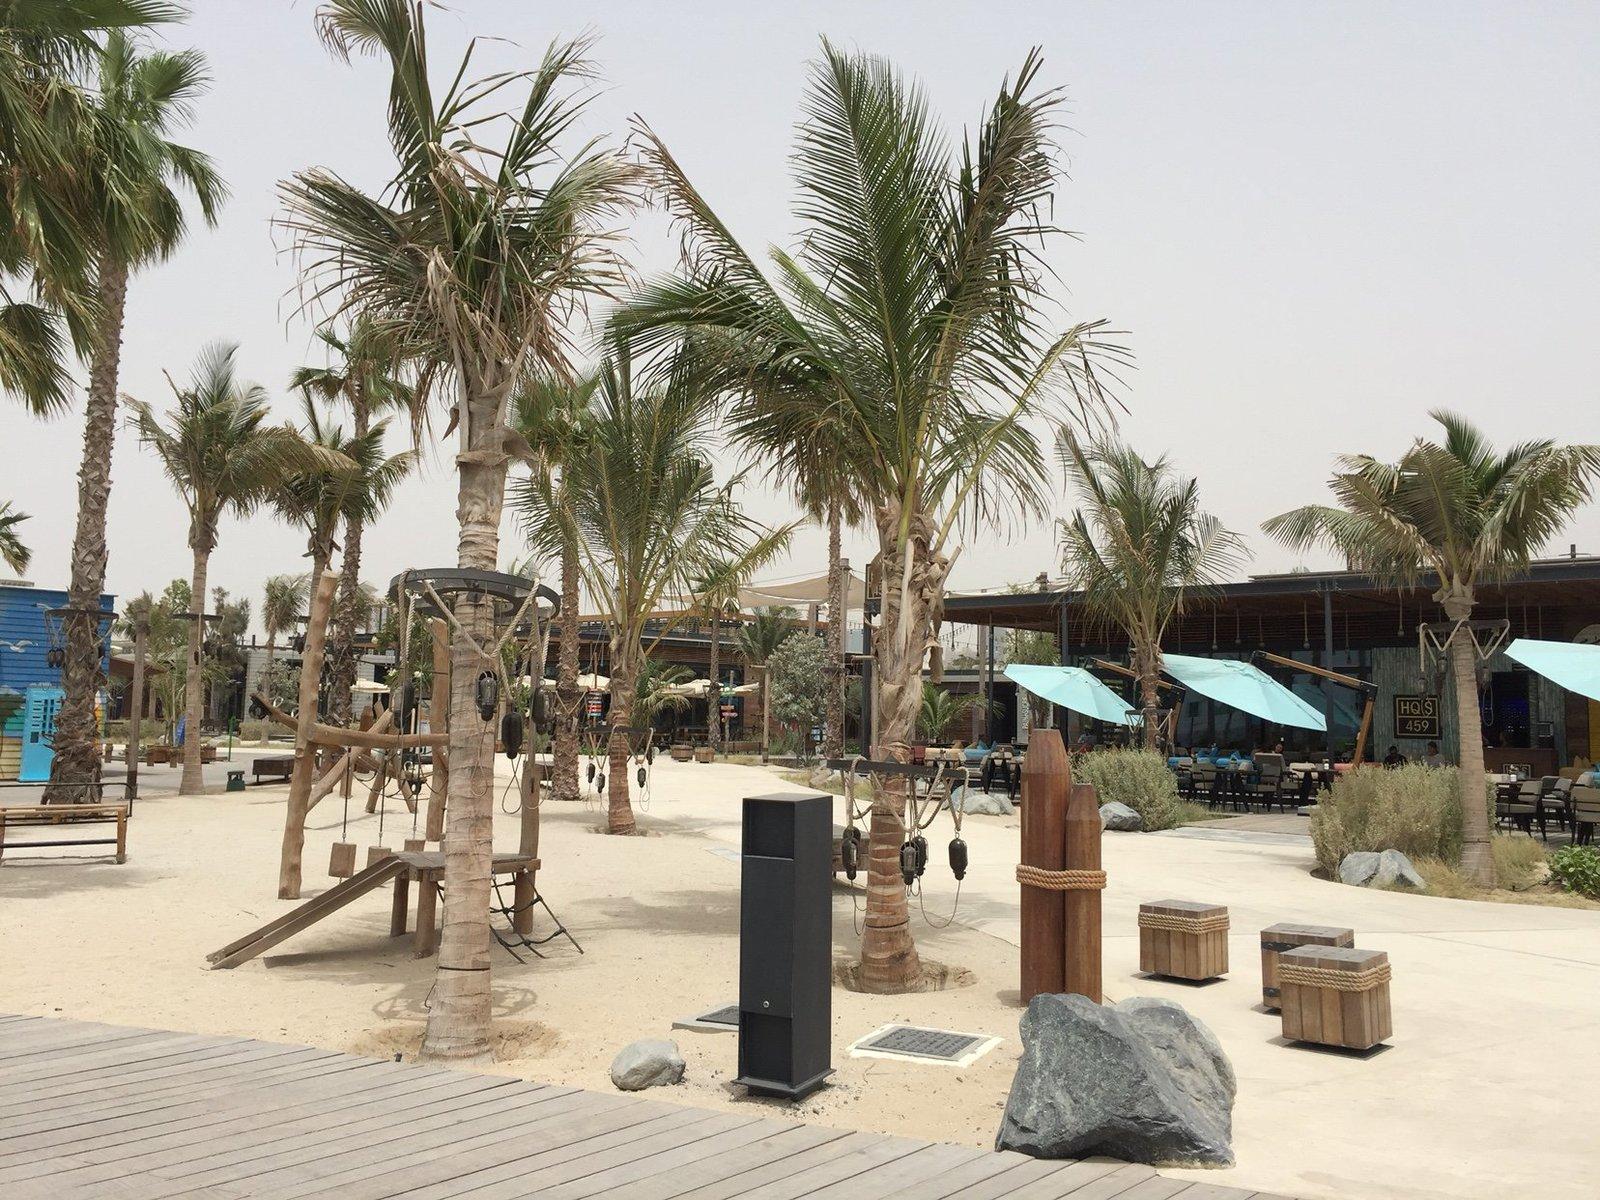 661620 المسافرون العرب دبي مدينة الجميرا